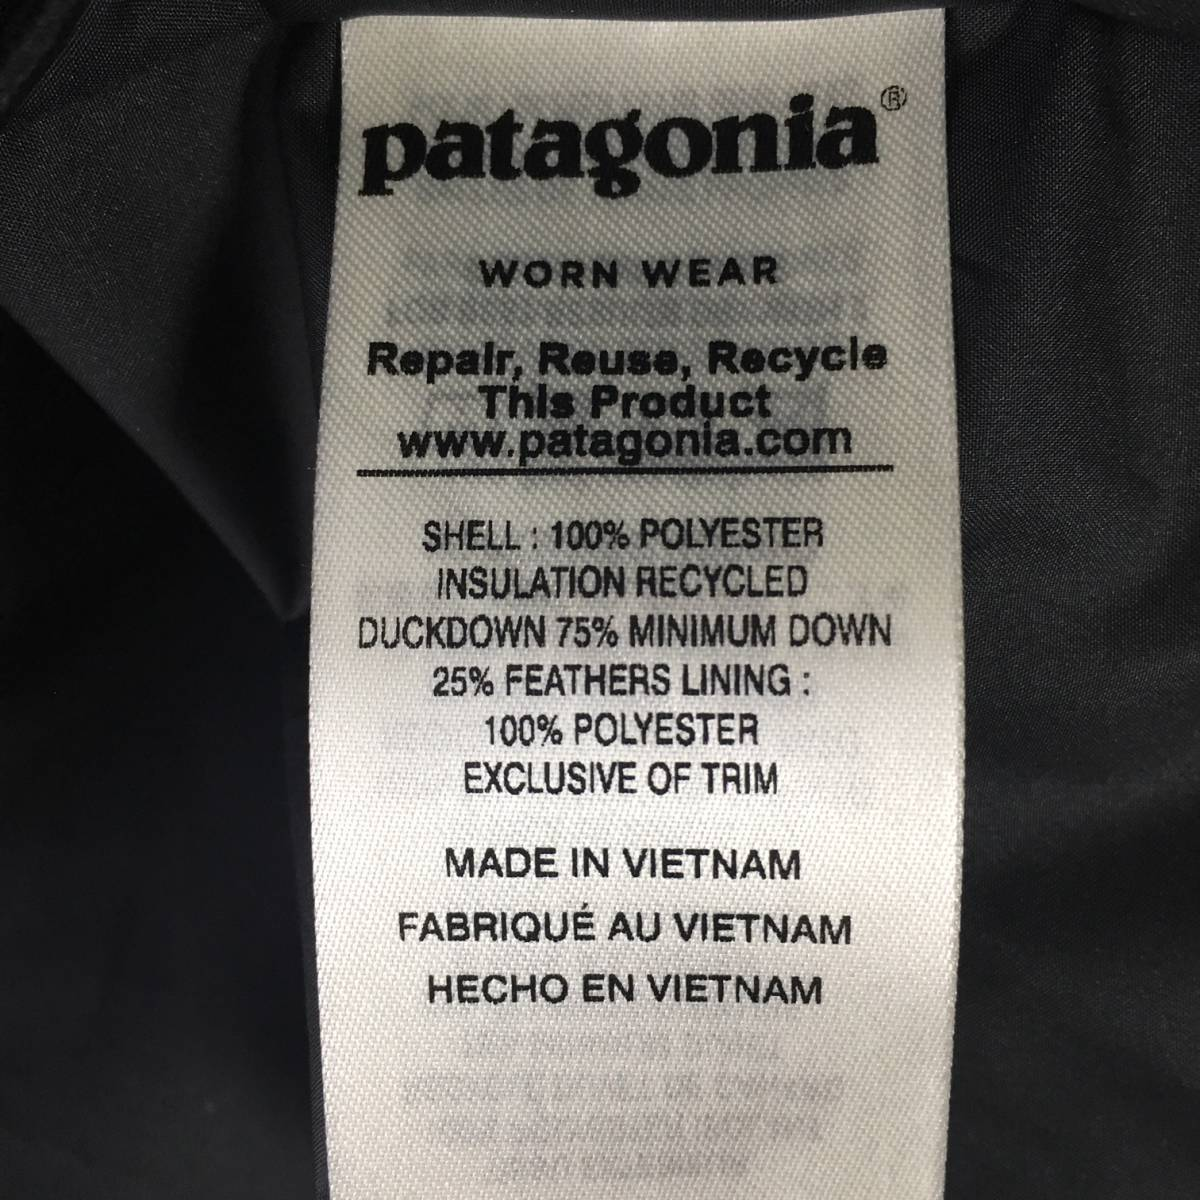 最高級 Patagonia Men's Jackson Glacier Jacket パタゴニア メンズ ジャクソン グレイシャー ジャケット 2018FA XL (USサイズ) SEMT_画像6